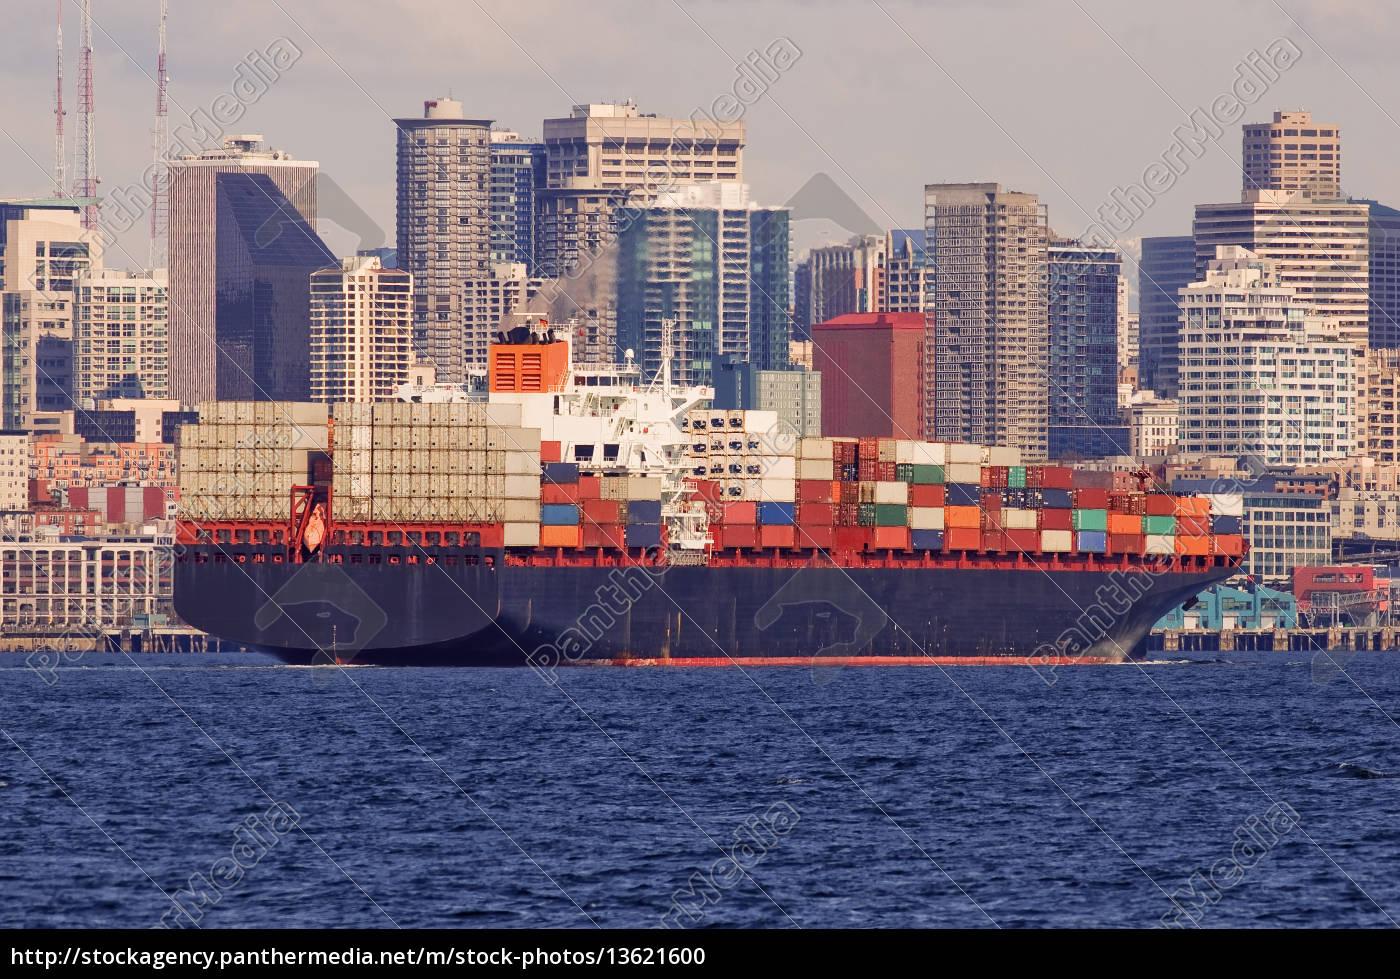 große, frachtschiff, im, hafen, mit, der - 13621600